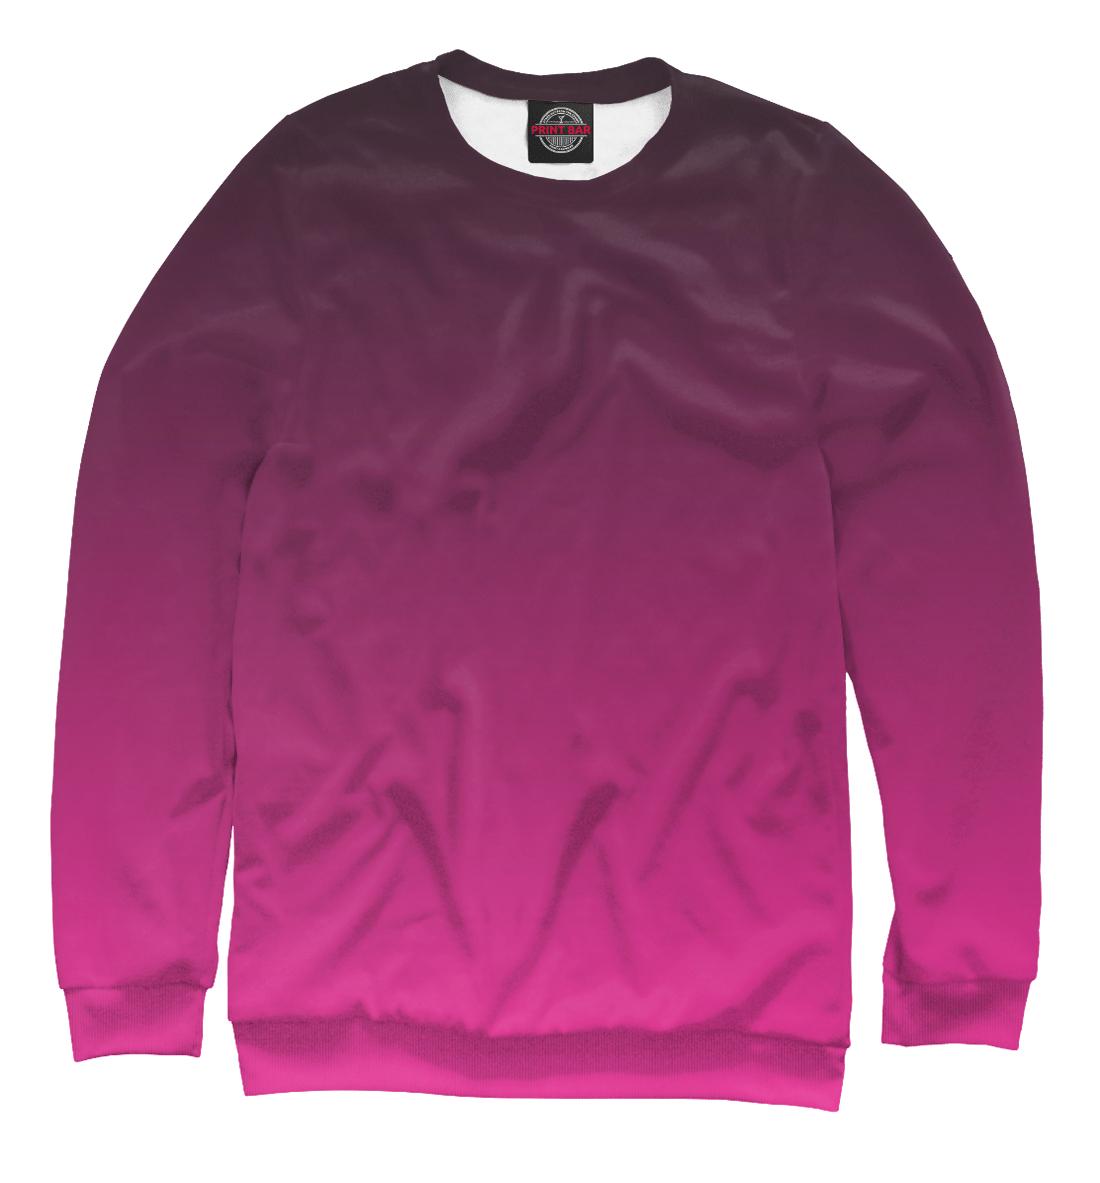 Купить Градиент Розовый в Черный, Printbar, Свитшоты, CLR-560218-swi-1